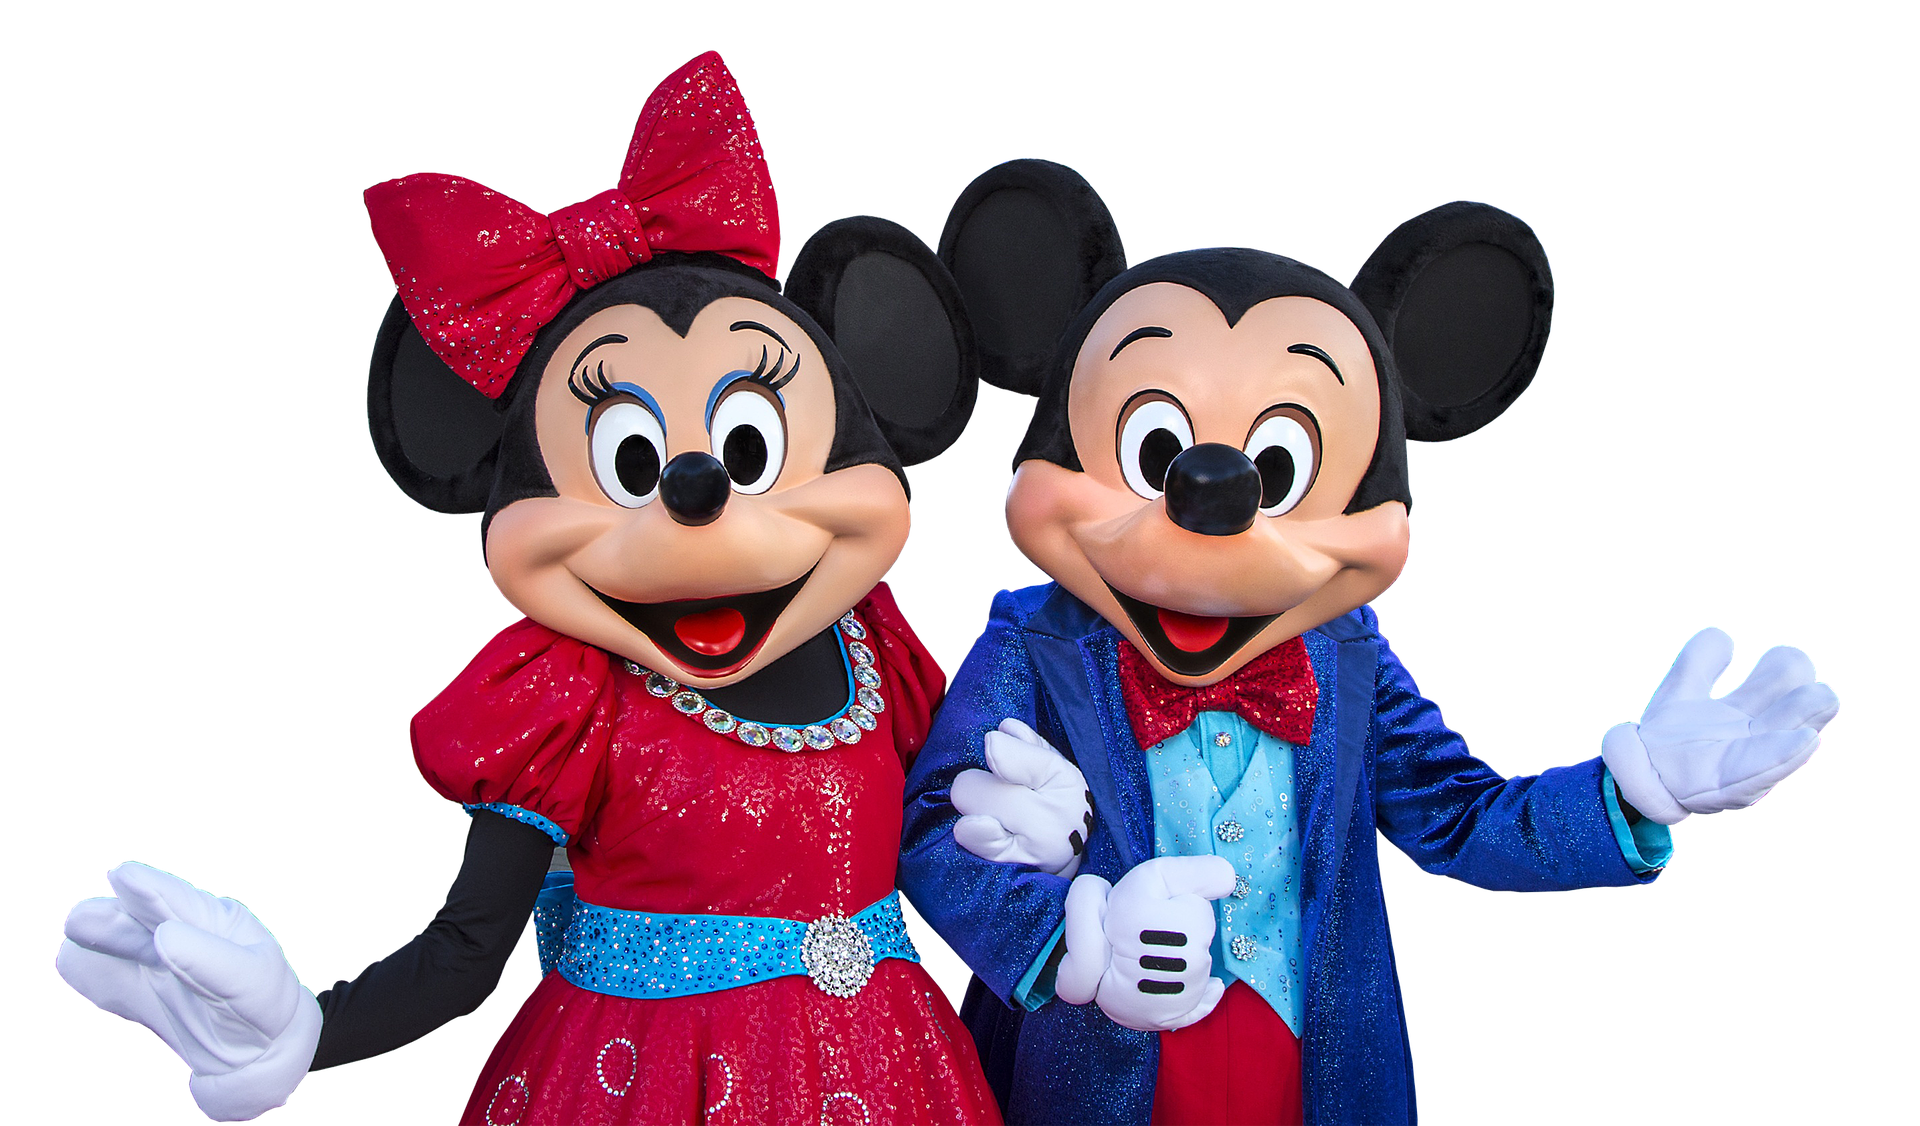 Disney's Mickey and Minnie